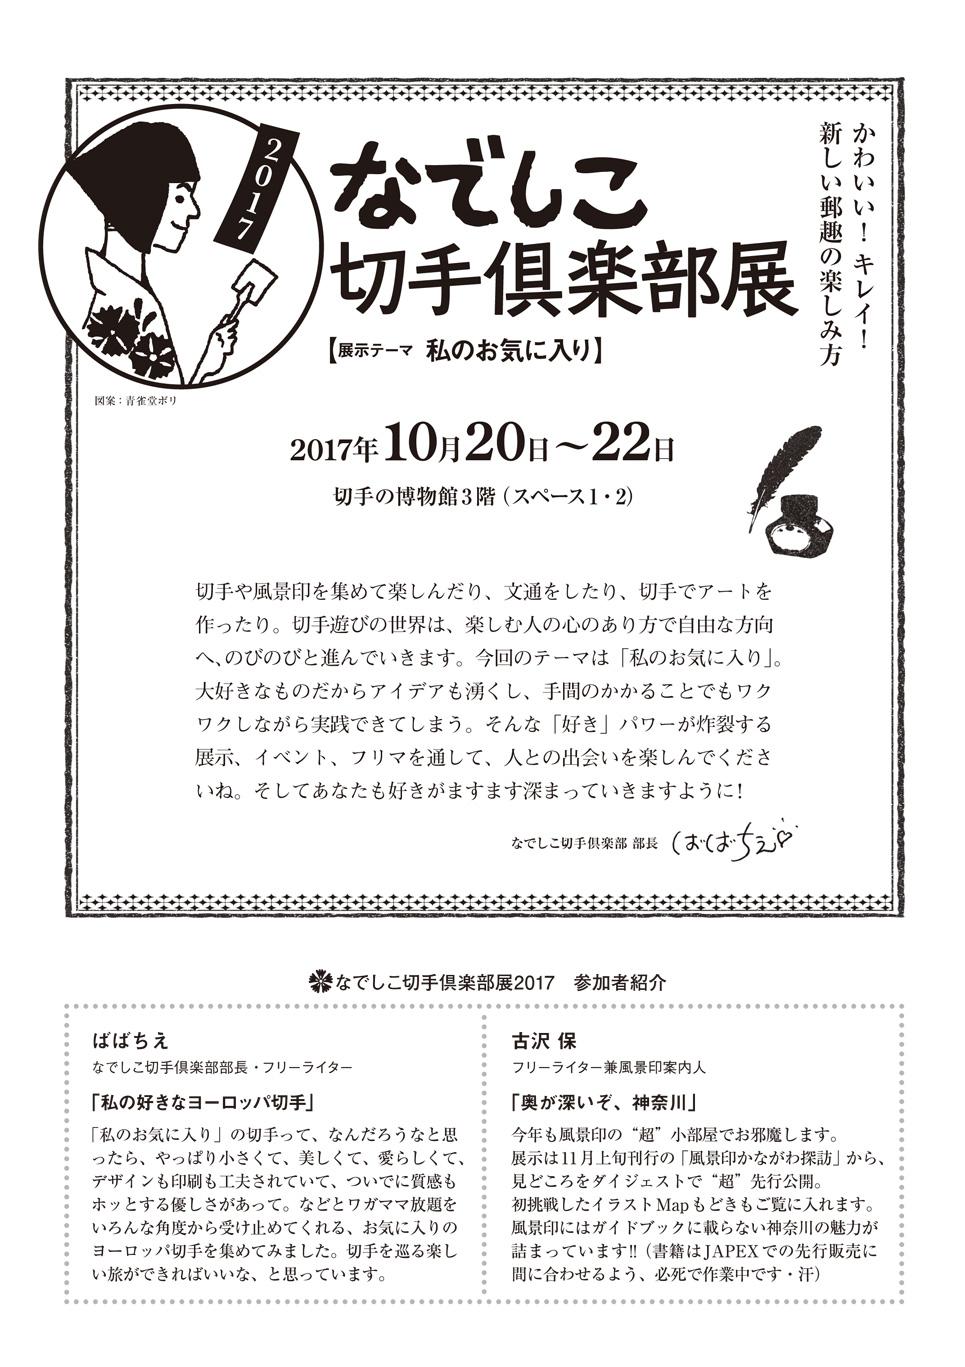 なでしこ切手倶楽部展2017パンフレット P1